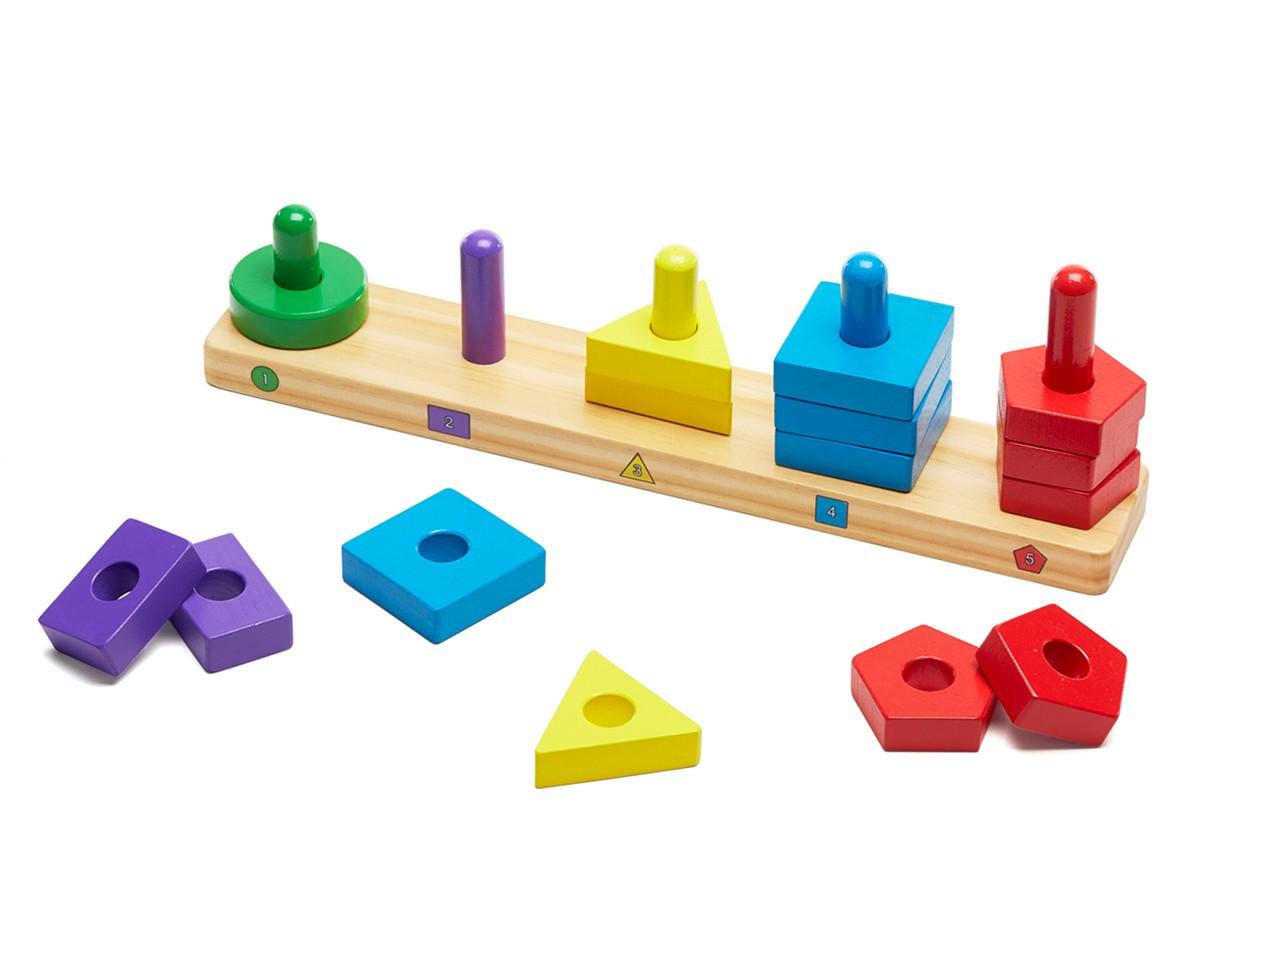 ألعاب خشبية للأطفال ـ لوح التصنيف الخشبي